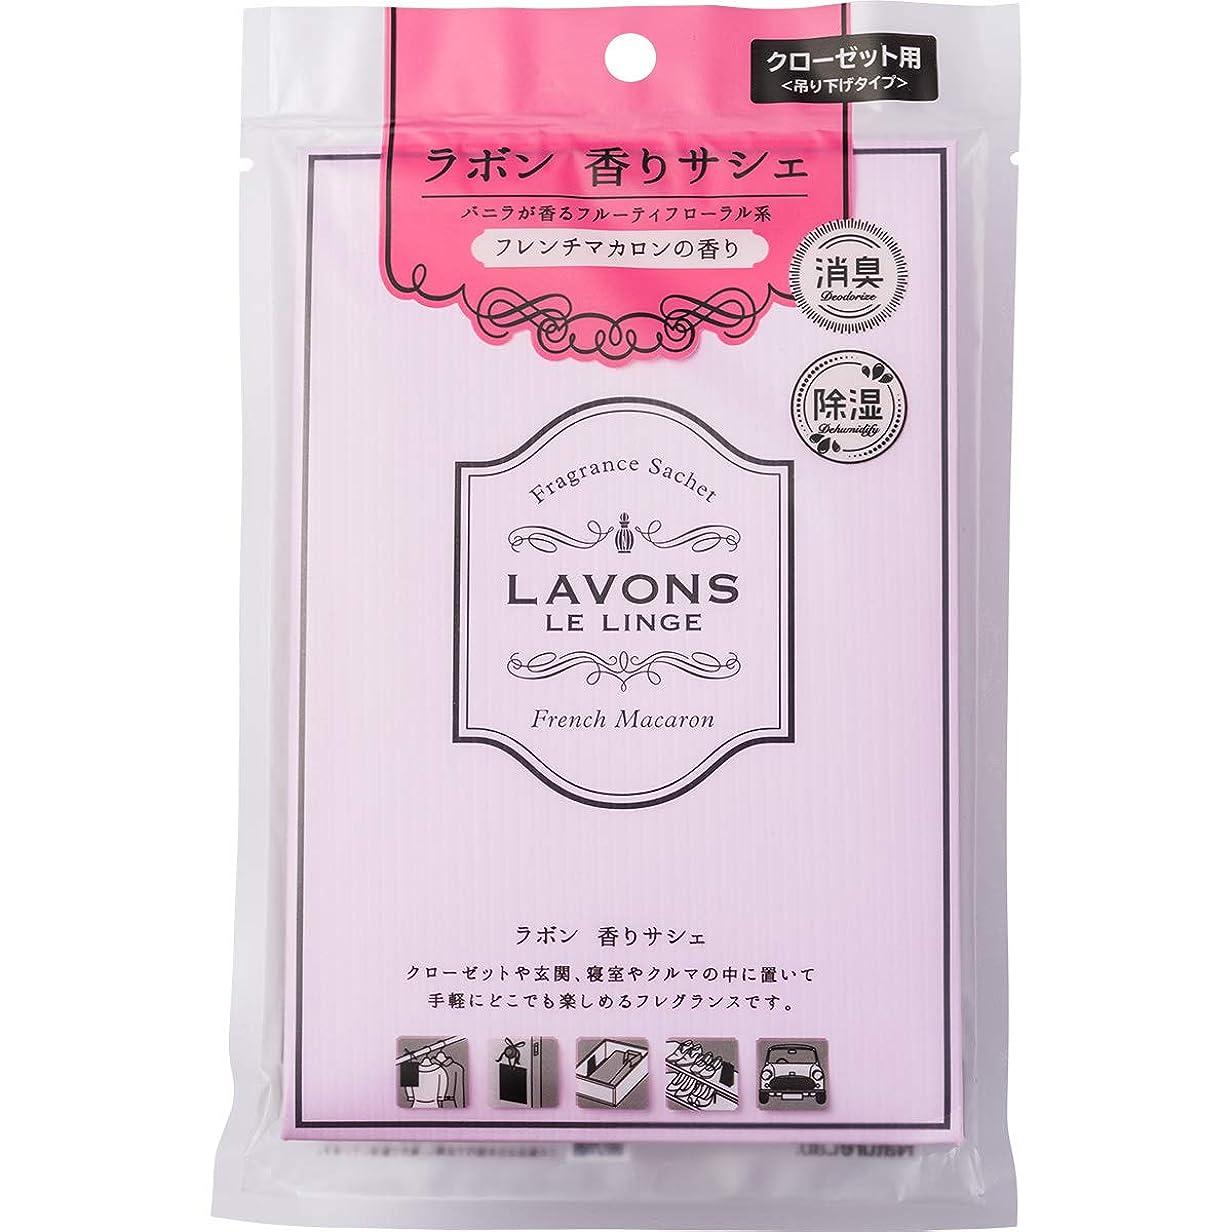 小数外交問題許されるラボン 香りサシェ (香り袋) フレンチマカロン 20g